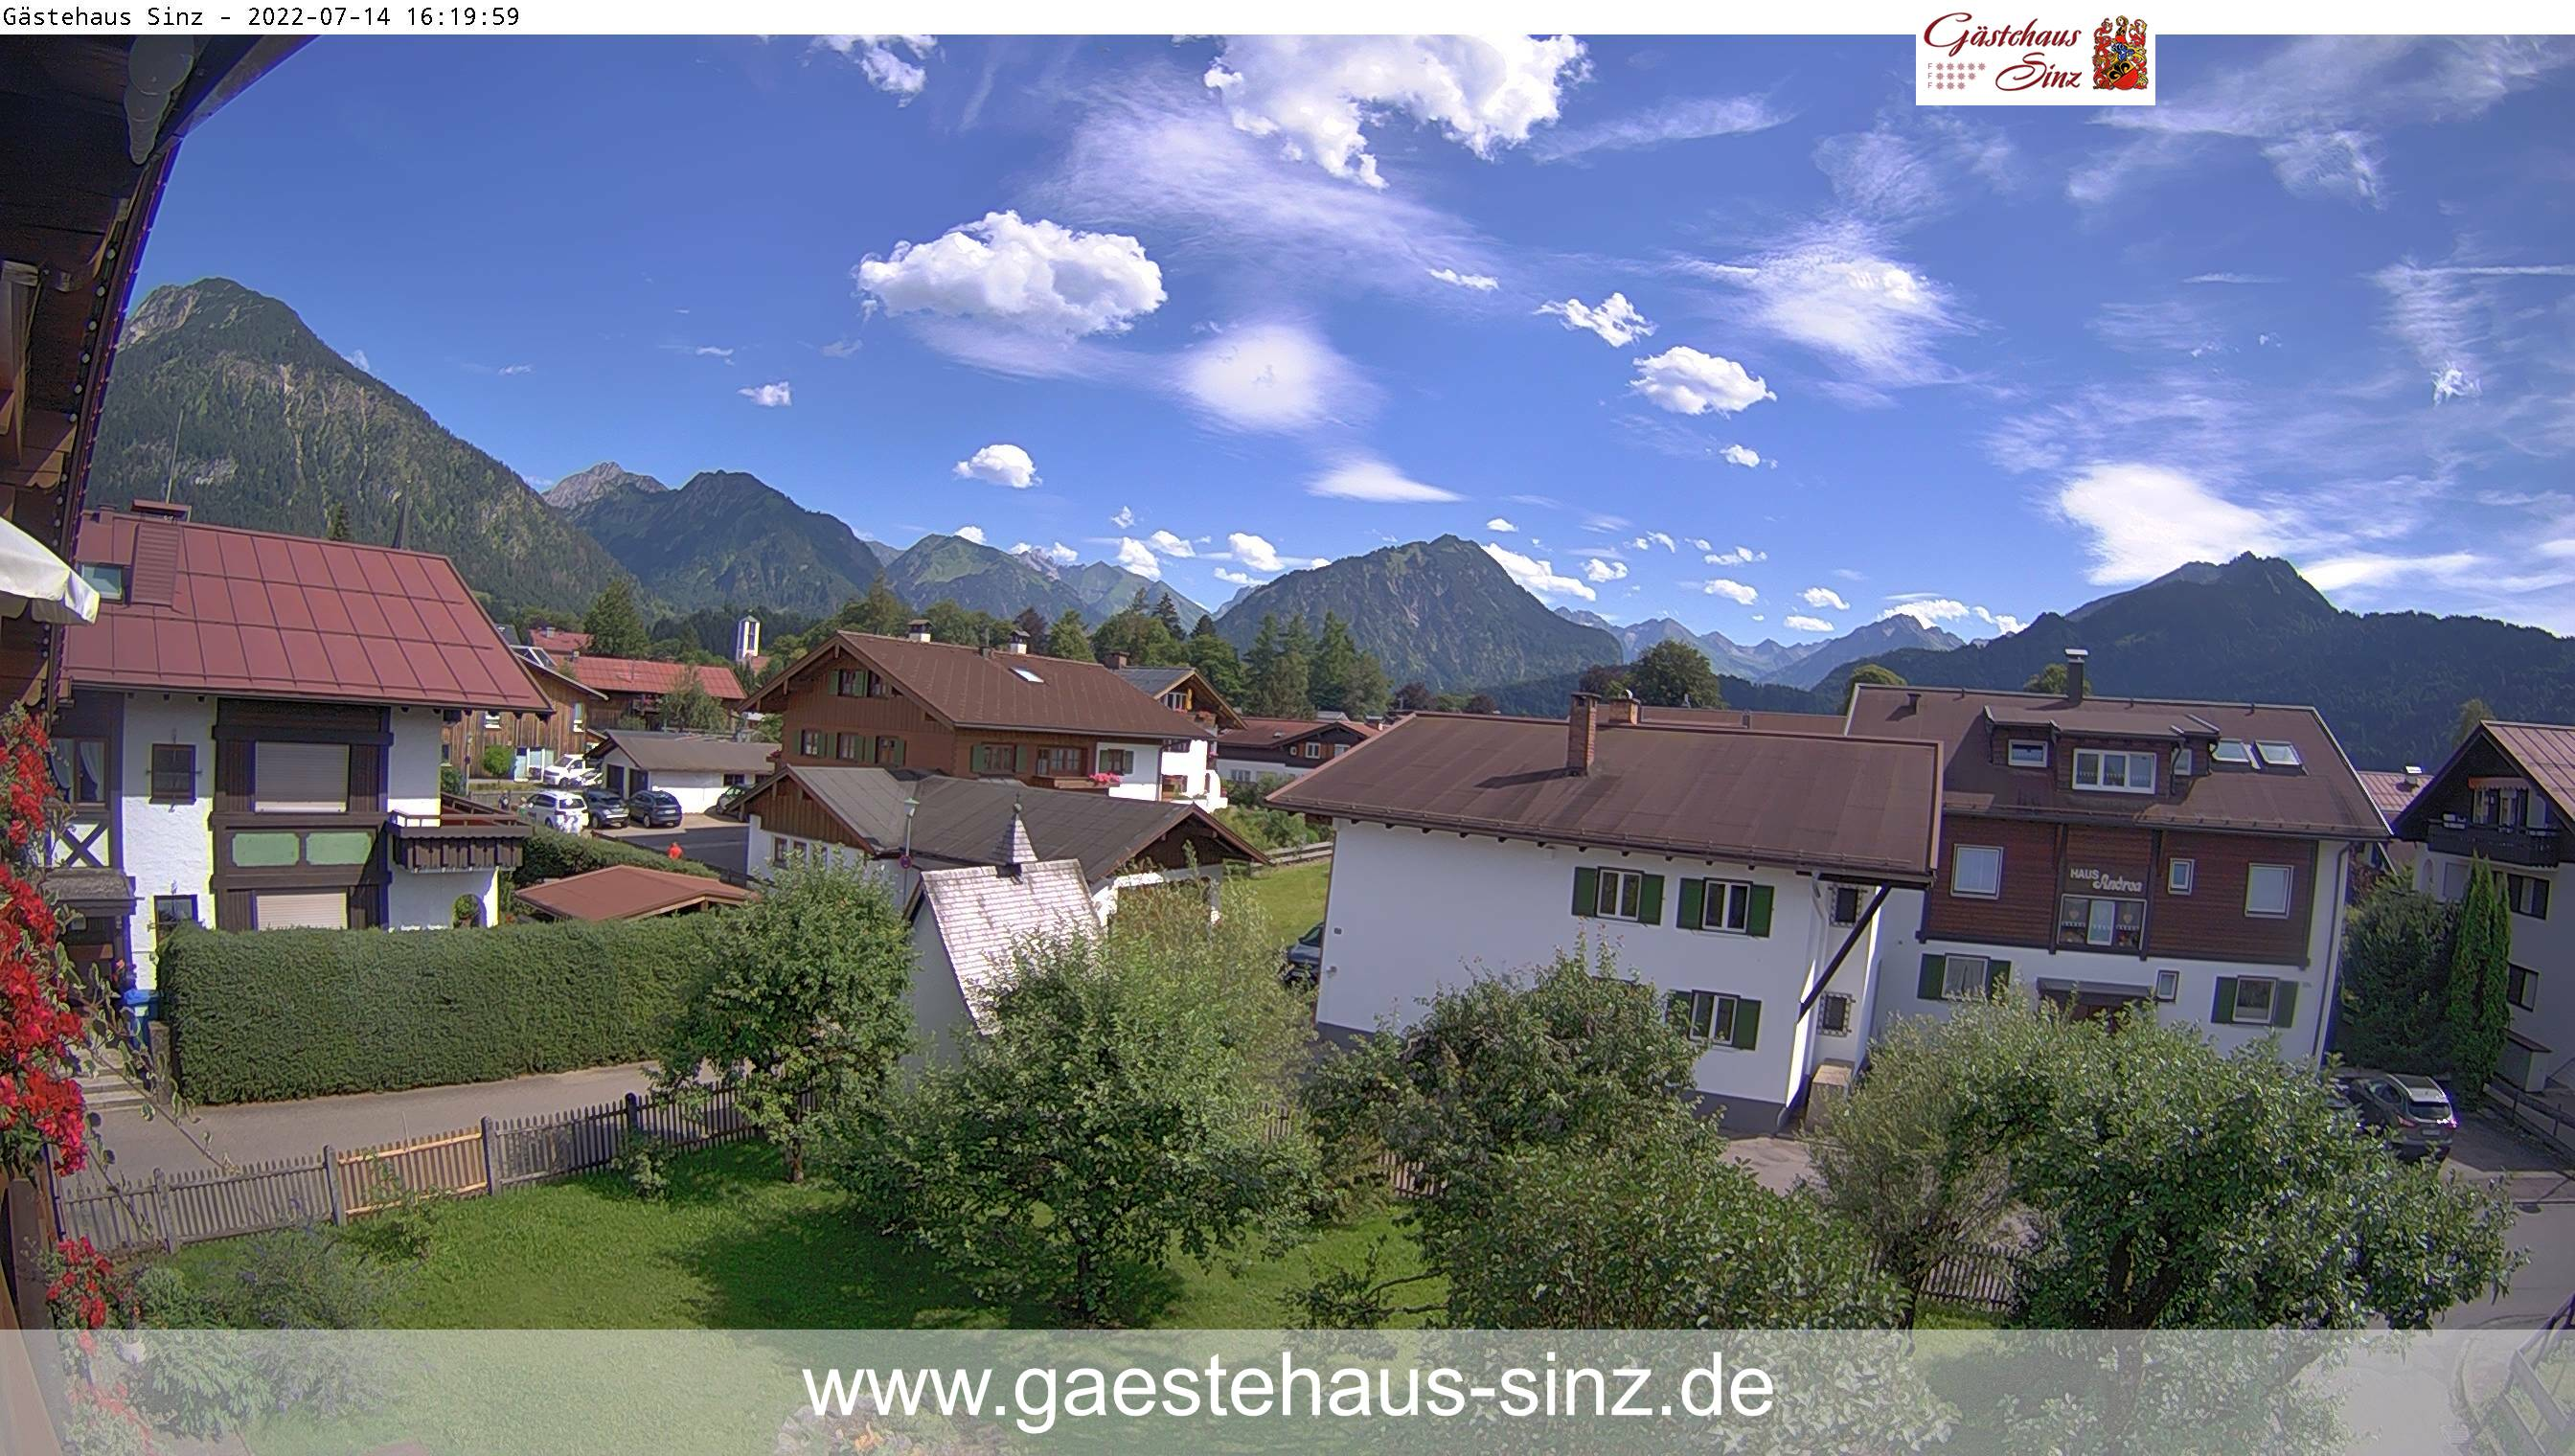 Webcam Haus Sinz